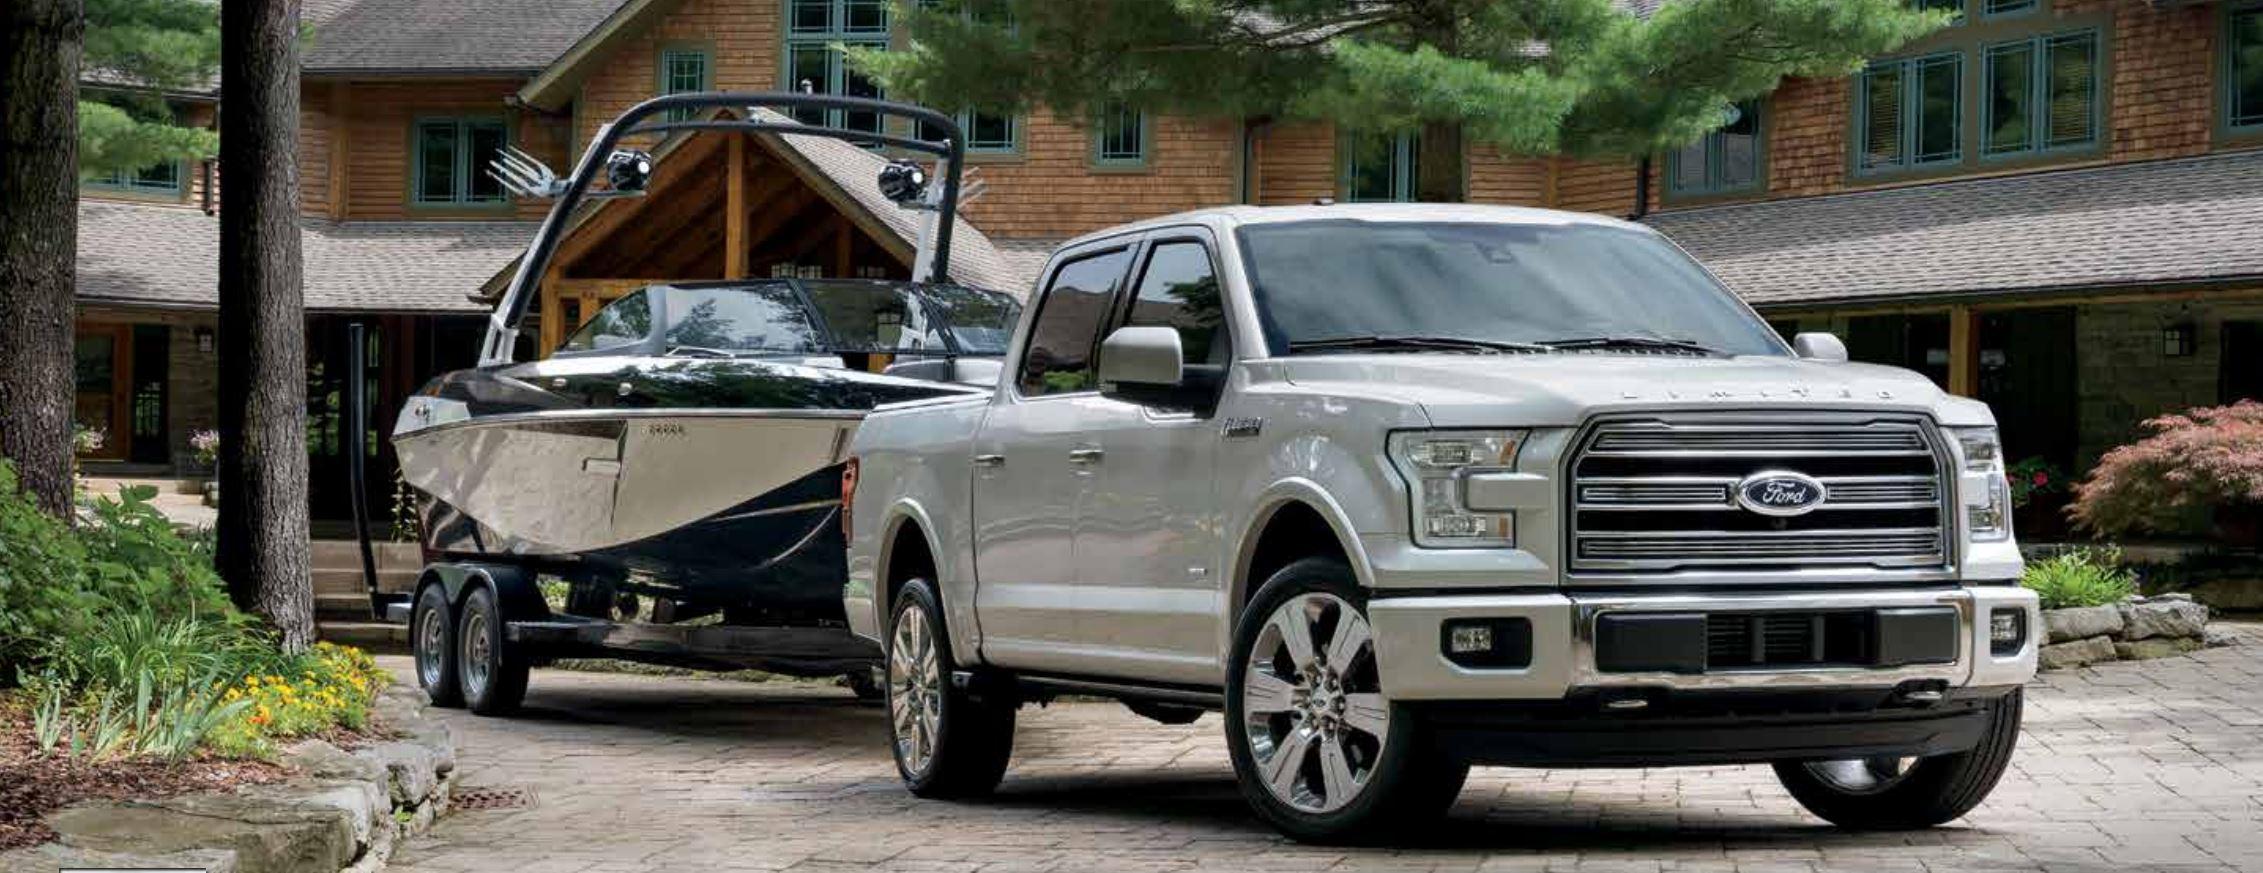 Ford f-150 capacite de remorquage secteur mont-bleu